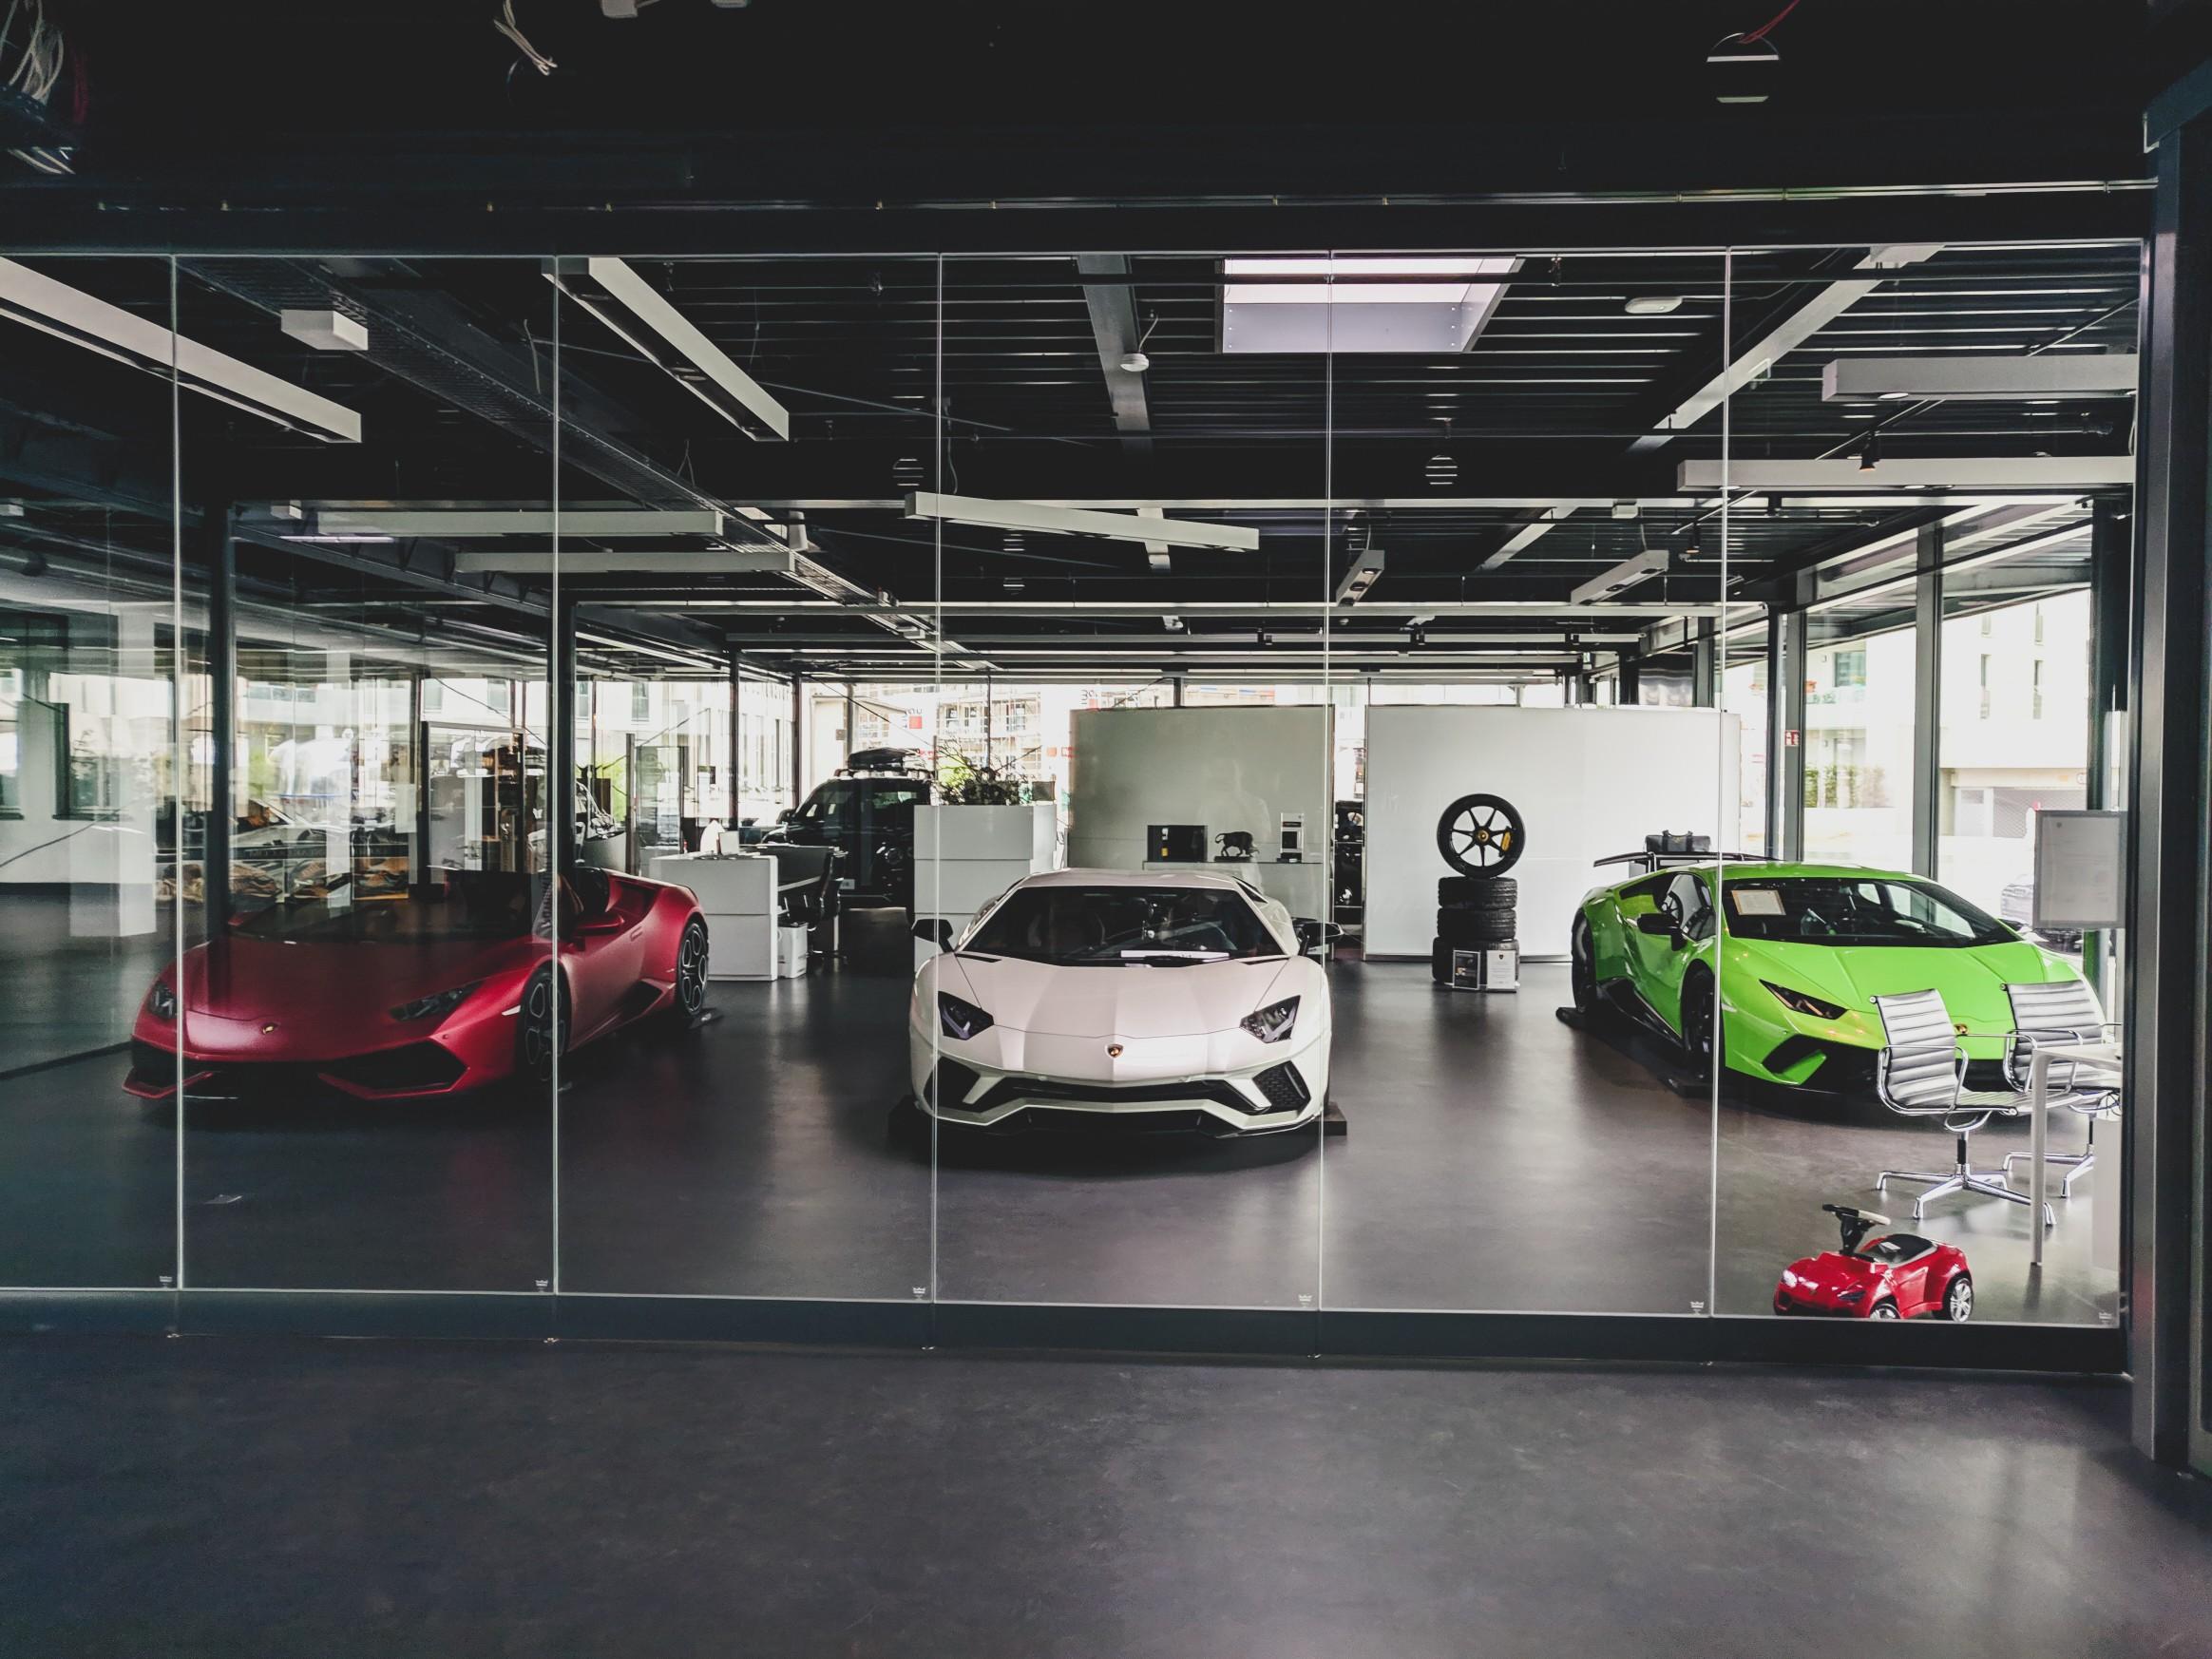 3 Lamborghini Aventador in one image white, green red